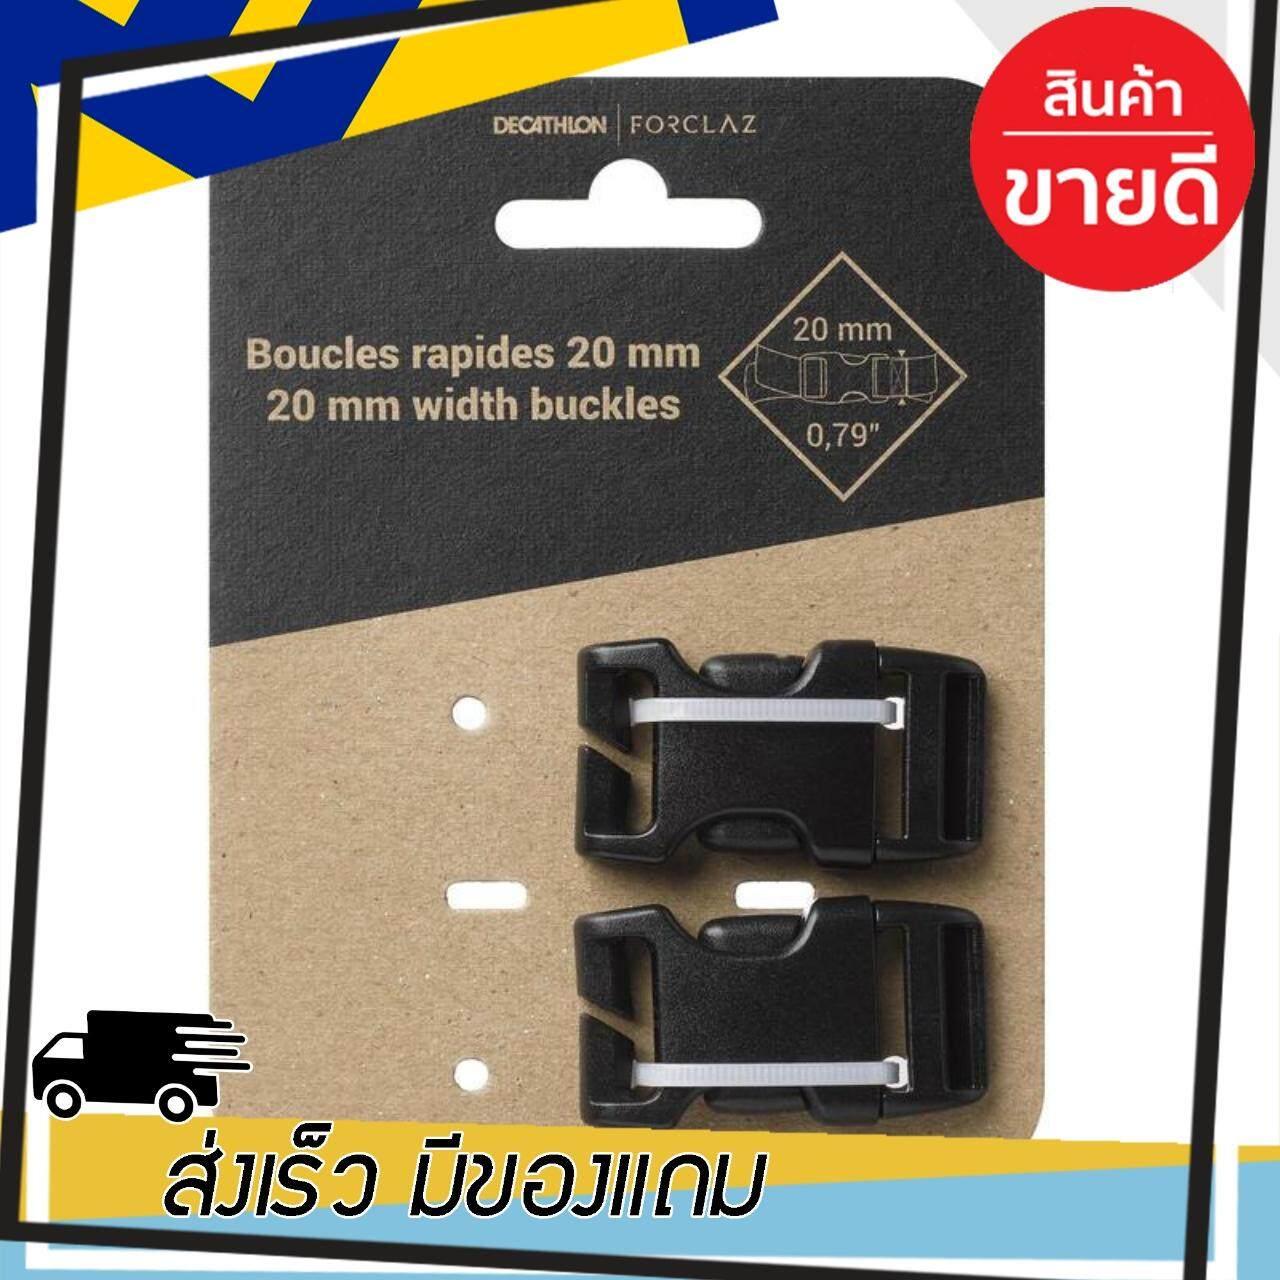 Rosegarden กระเป๋ากันน้ำ 20 ลิตร (สีดำ) กระเป๋ากันน้ำ ที่สูบลม และอุปกรณ์ บอร์ดยืนพาย ไม้พาย เสื้อชูชีพ  ของแท้ 100% ราคาถูก